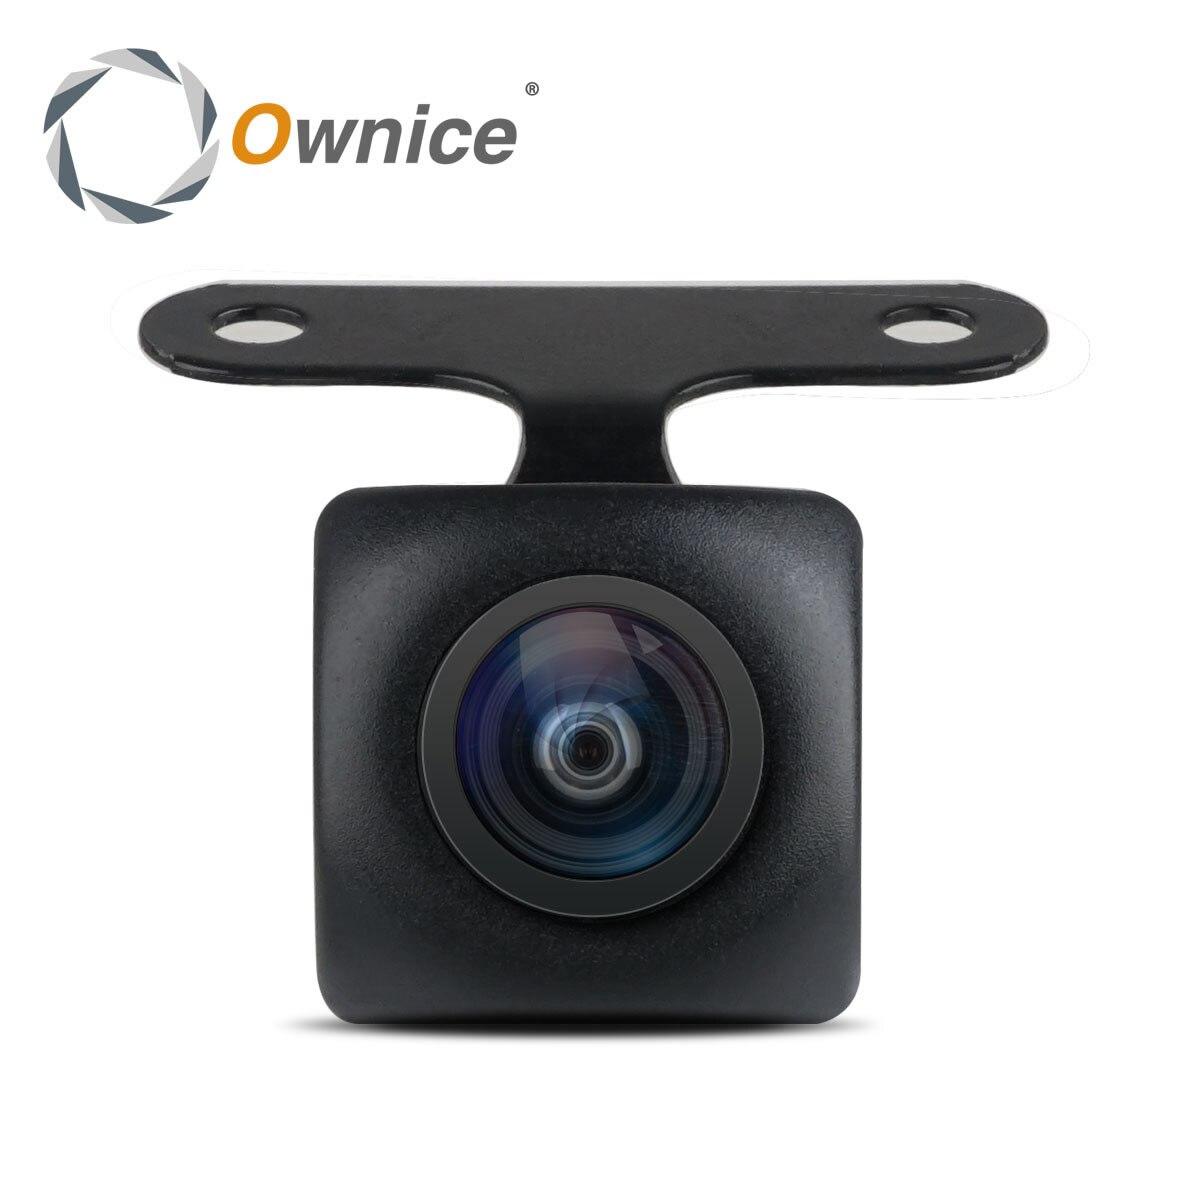 Ownice Universelle Wasserdichte HD Sony/MCCD Fisheye Objektiv Sternenlicht Nachtsicht 170 Grad Auto Rückansicht Parkplatz Kamera für alle auto